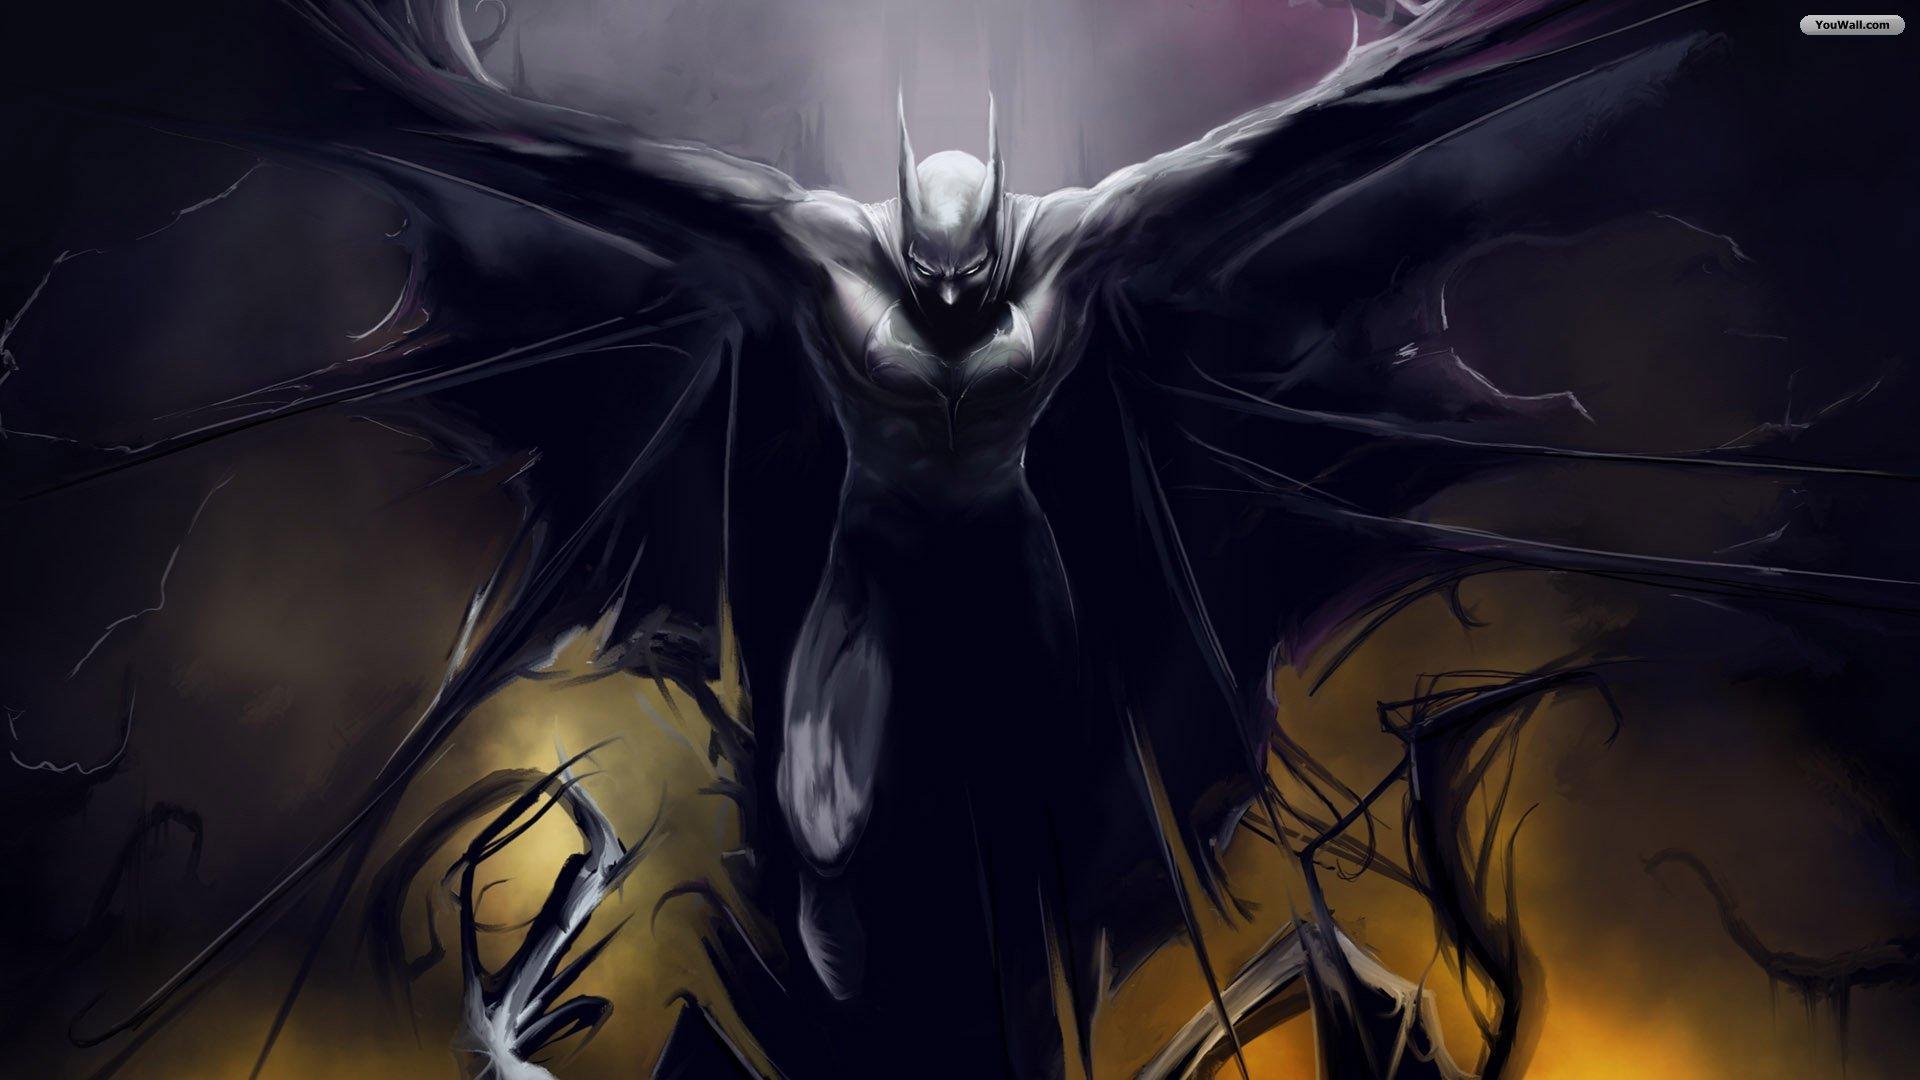 Batman   Wallpaper   Taringa 1920x1080